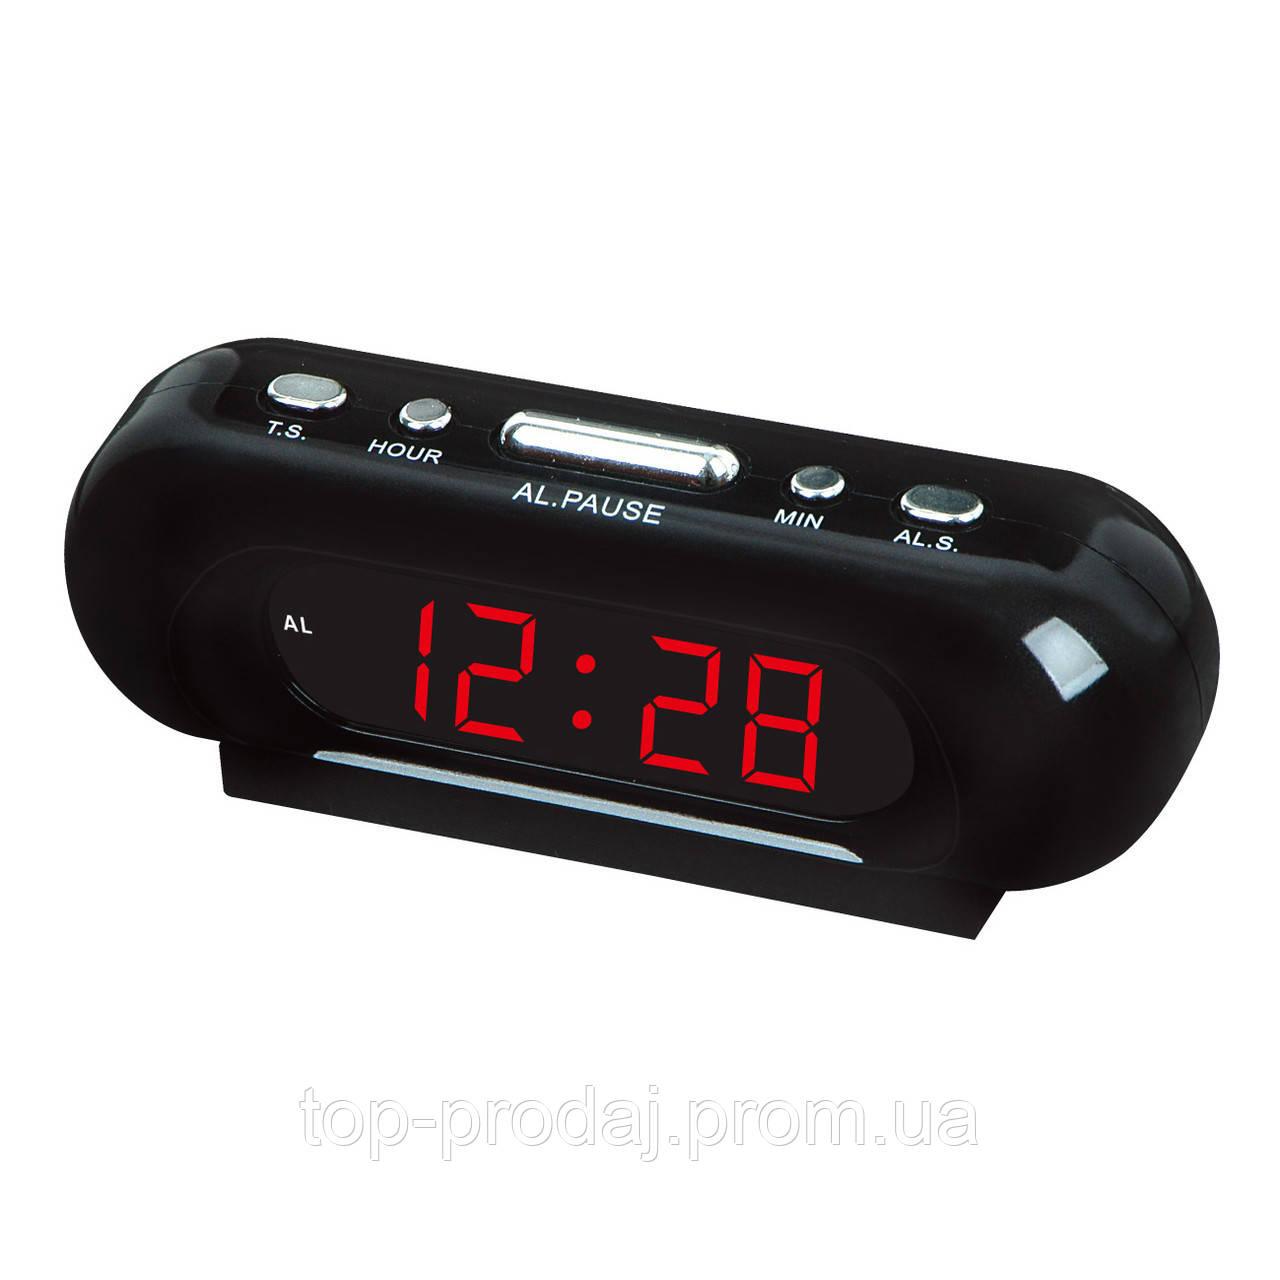 Часы VST 716 red, Электронные часы с будильником, Настольные часы с подсветкой, LED часы